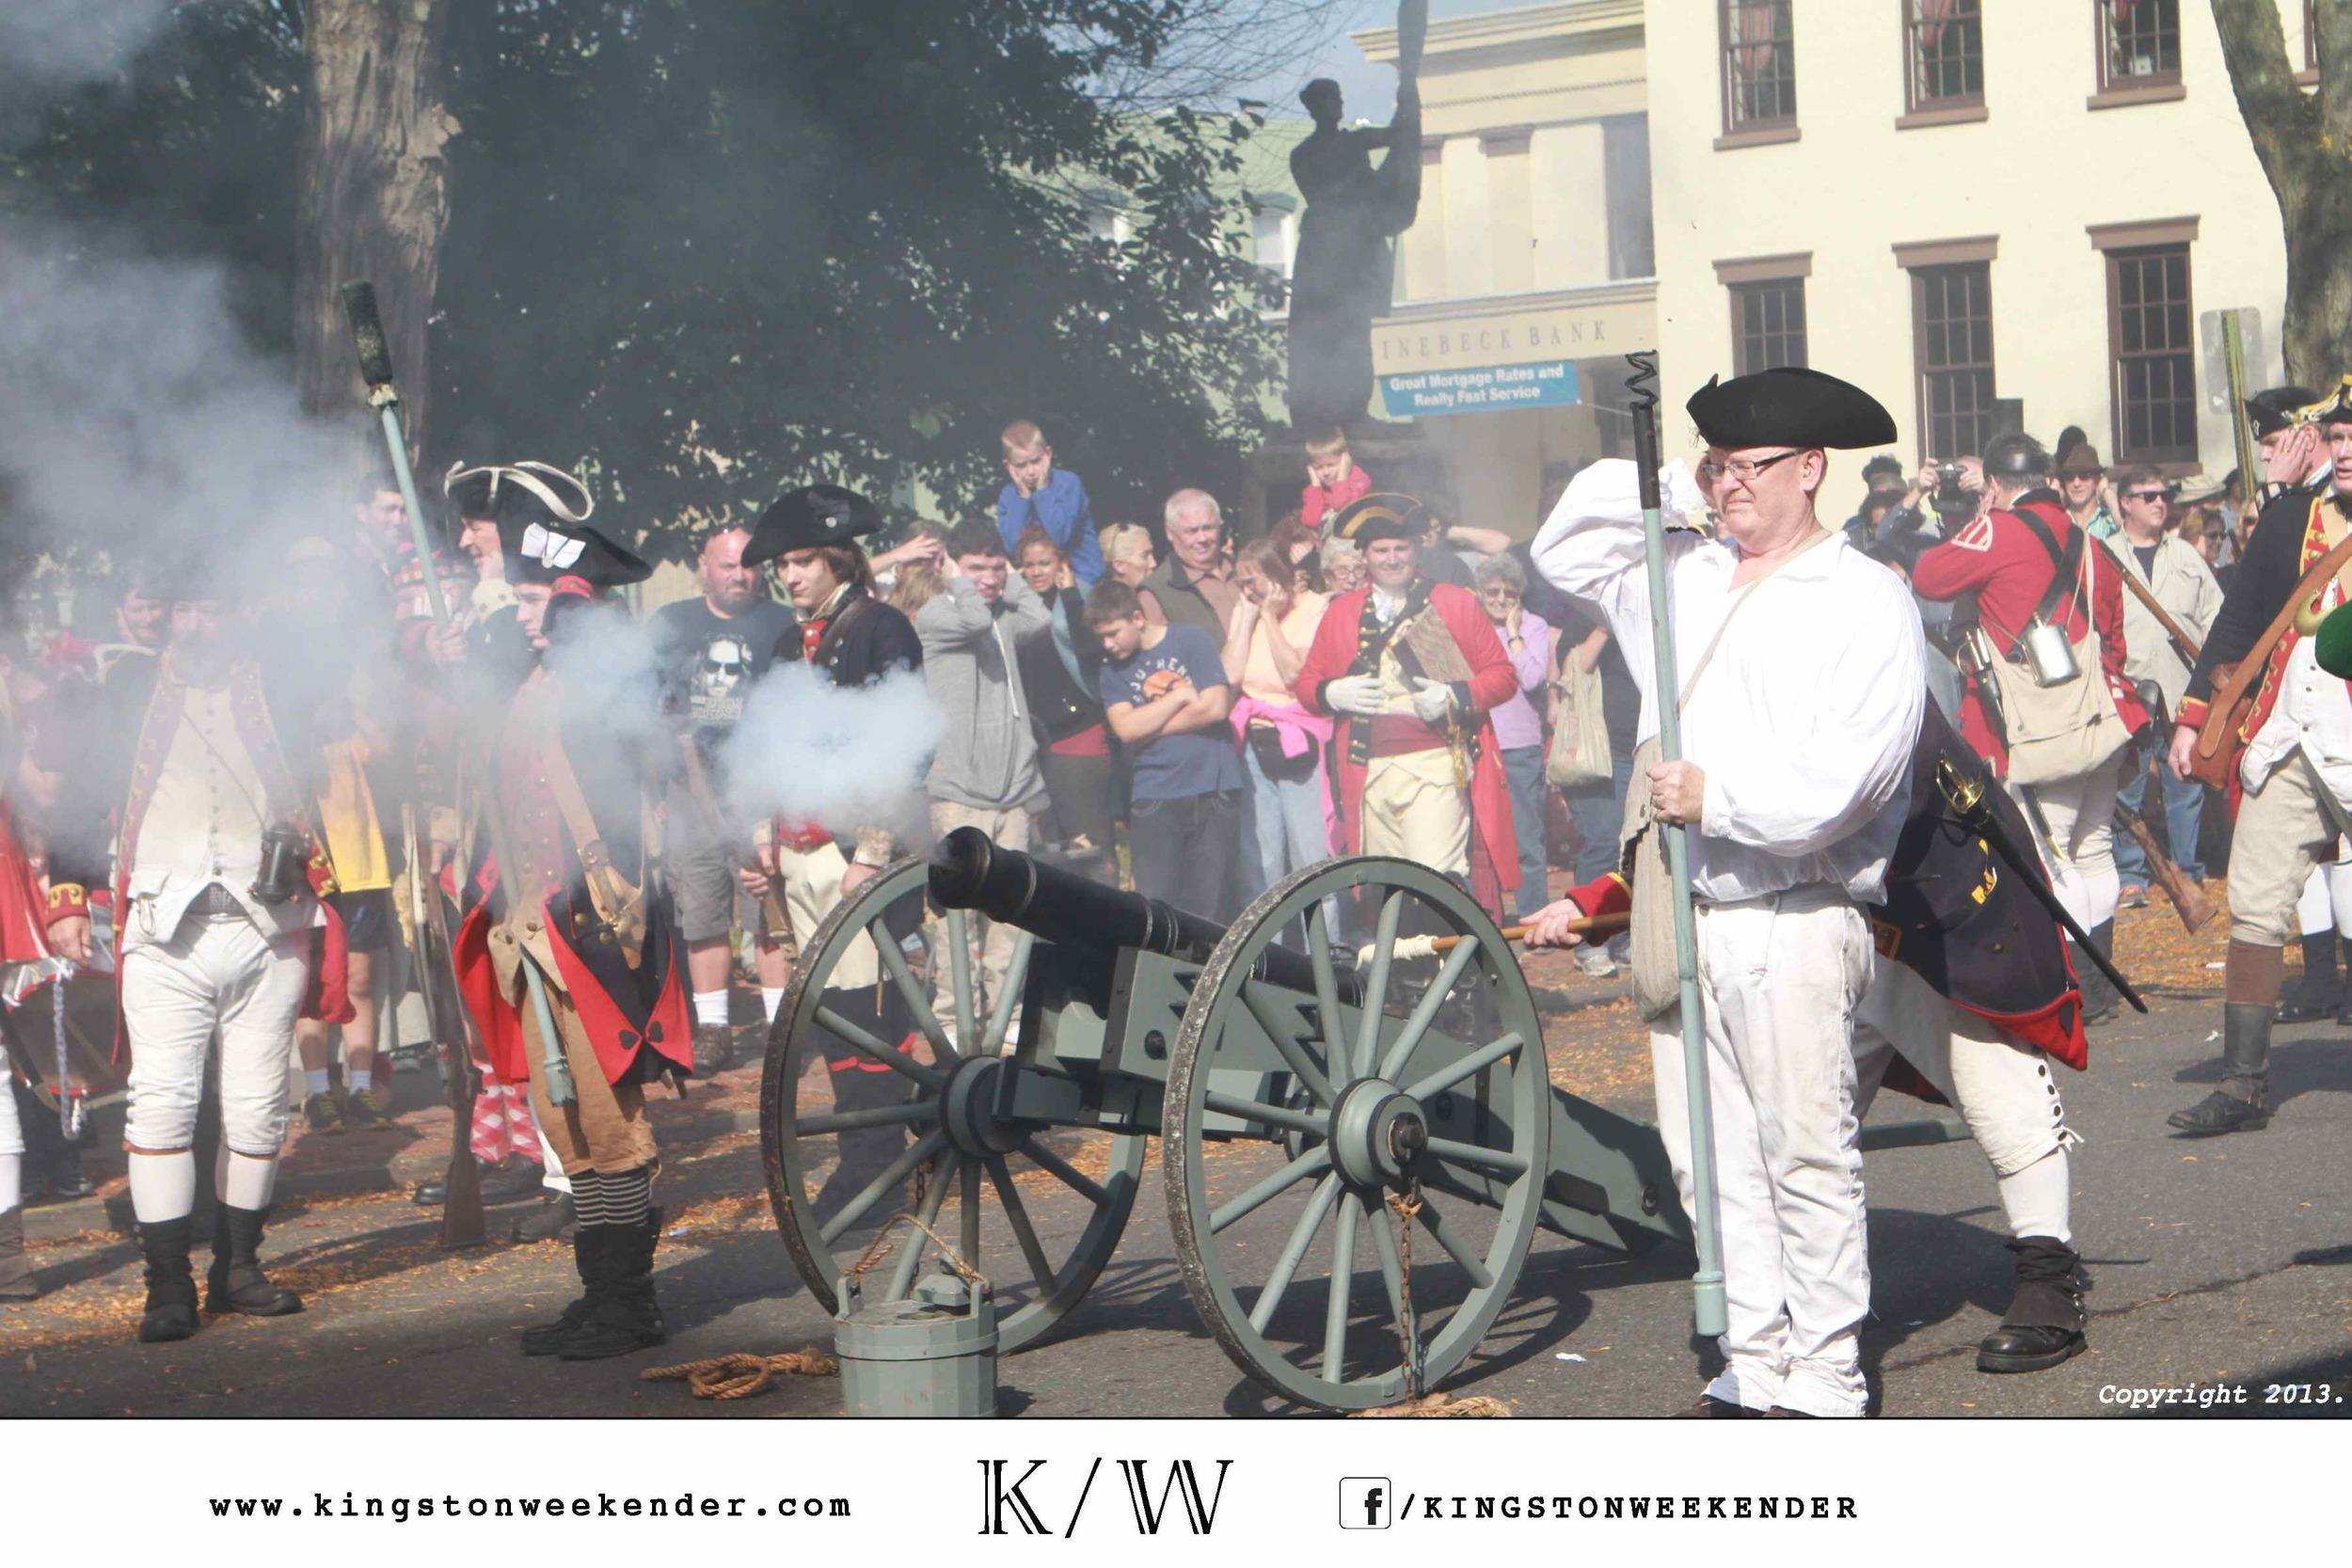 kingston-weekender-photo-credits24.jpg